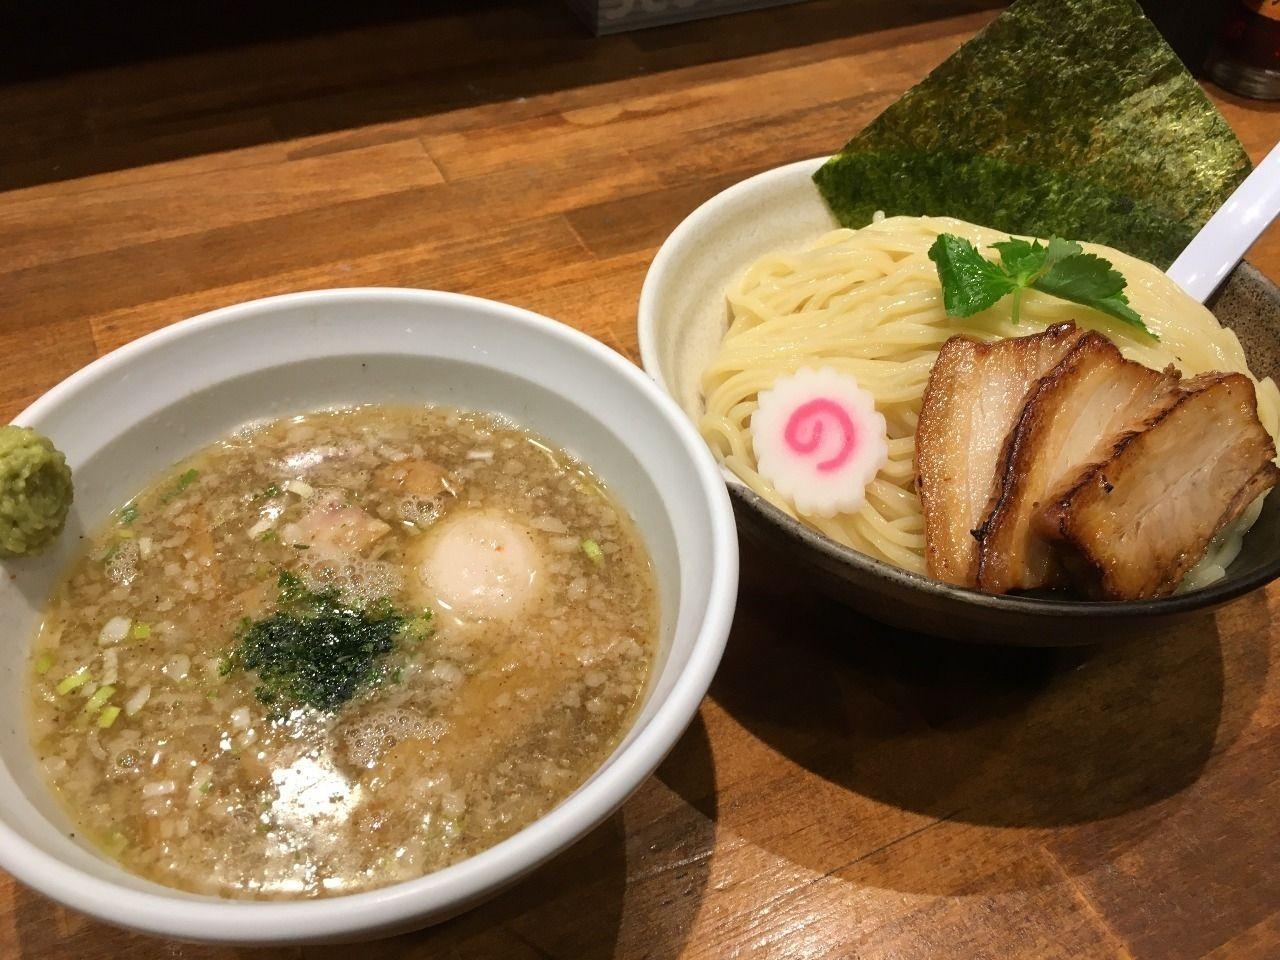 めいげんその特製炙りチャーシュー塩つけ麺 ~越谷ラーメンブログ・おかわり編⑪~